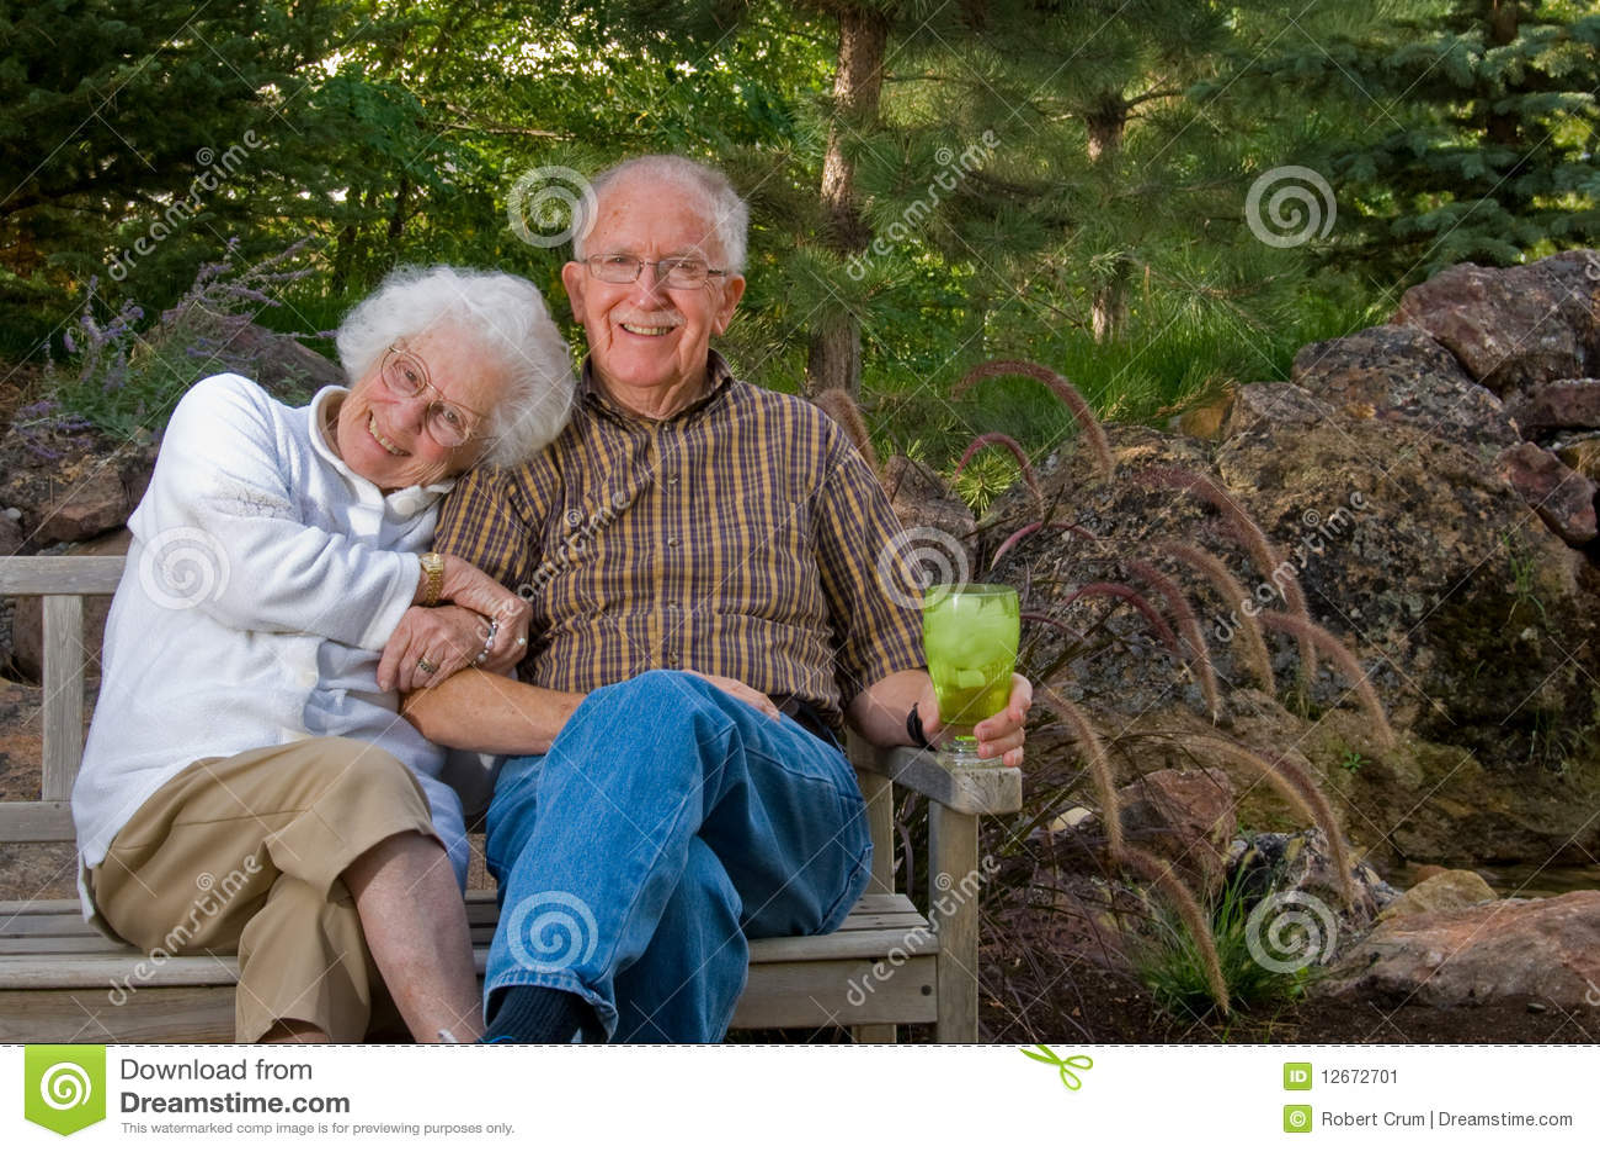 Старик трахнул девочку 12 фотография